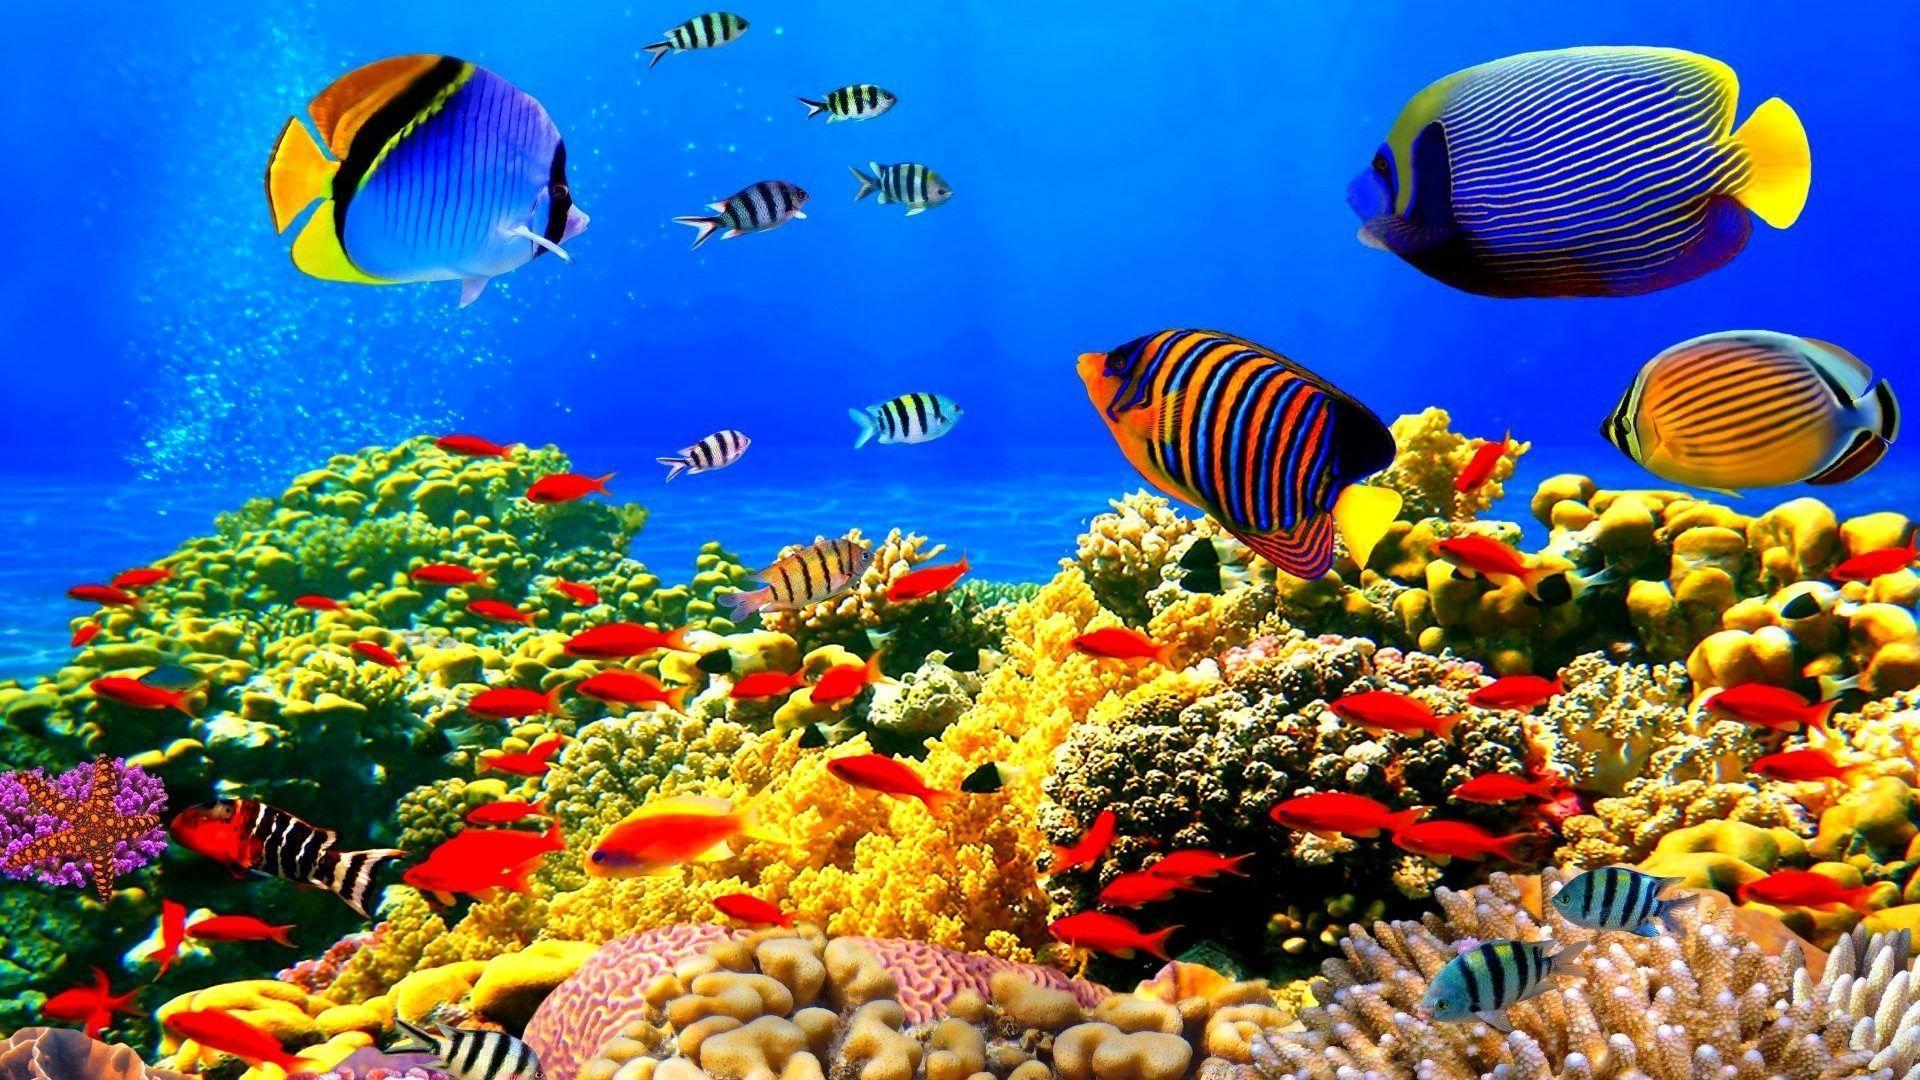 Fish Pot Wallpapers - Wallpaper Cave